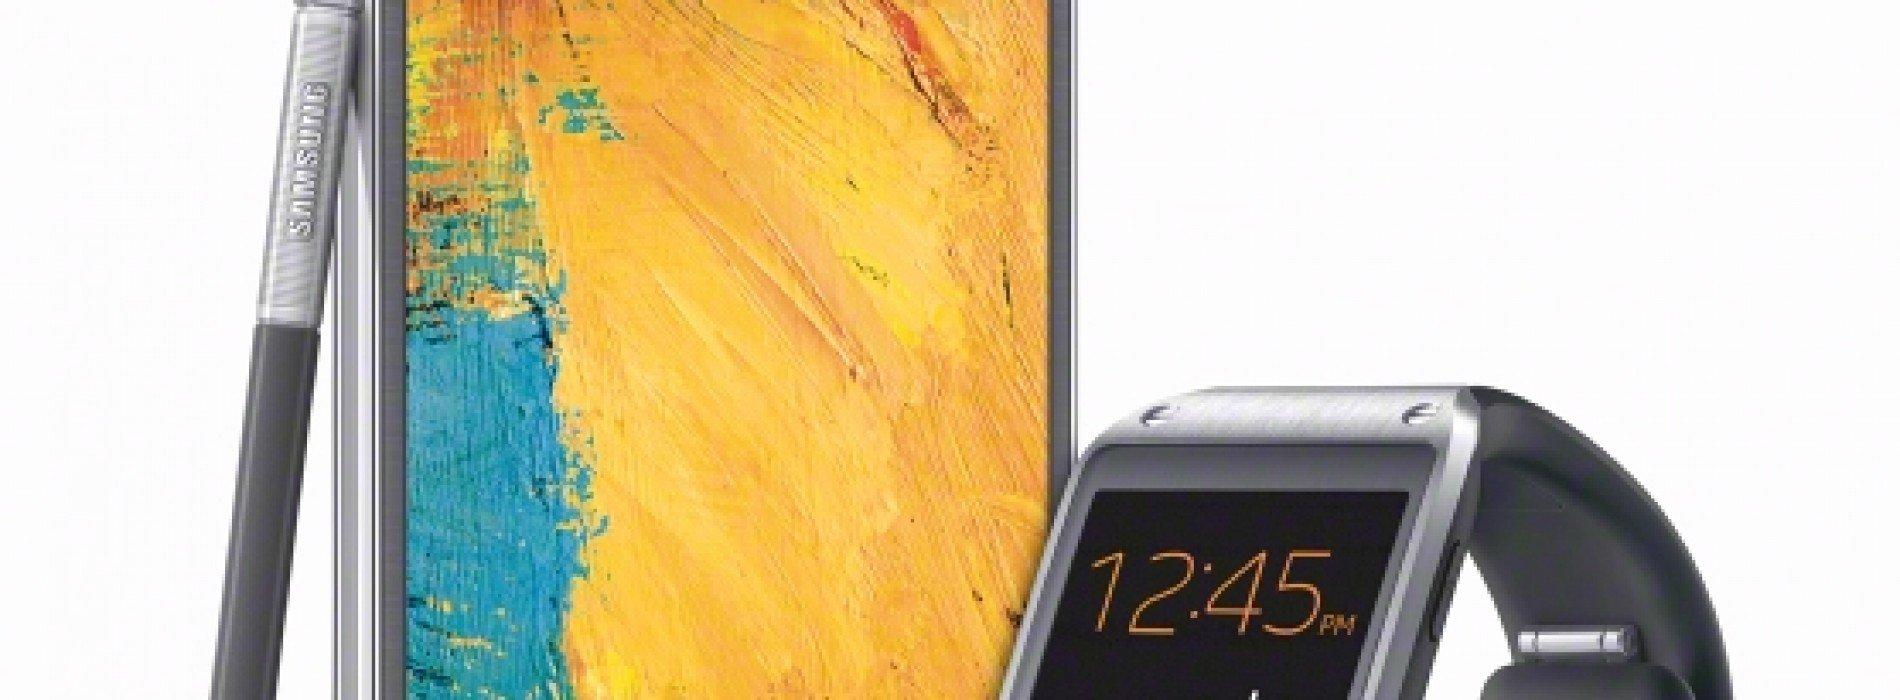 U.S. Cellular now offering Samsung Galaxy Note 3, Galaxy Gear